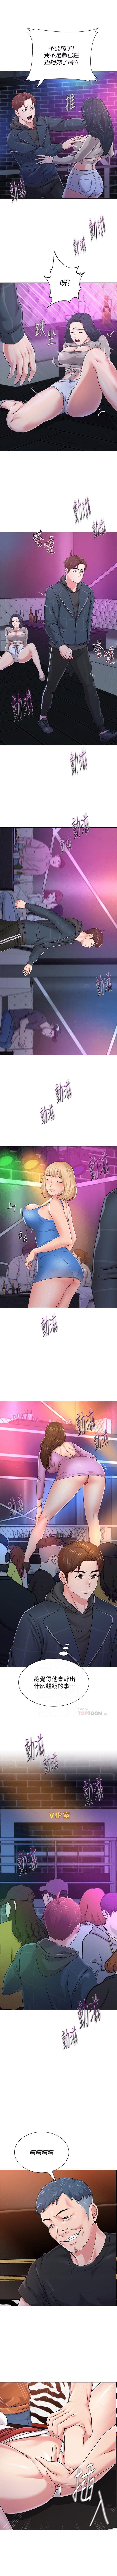 老師 1-80 官方中文(連載中) 328